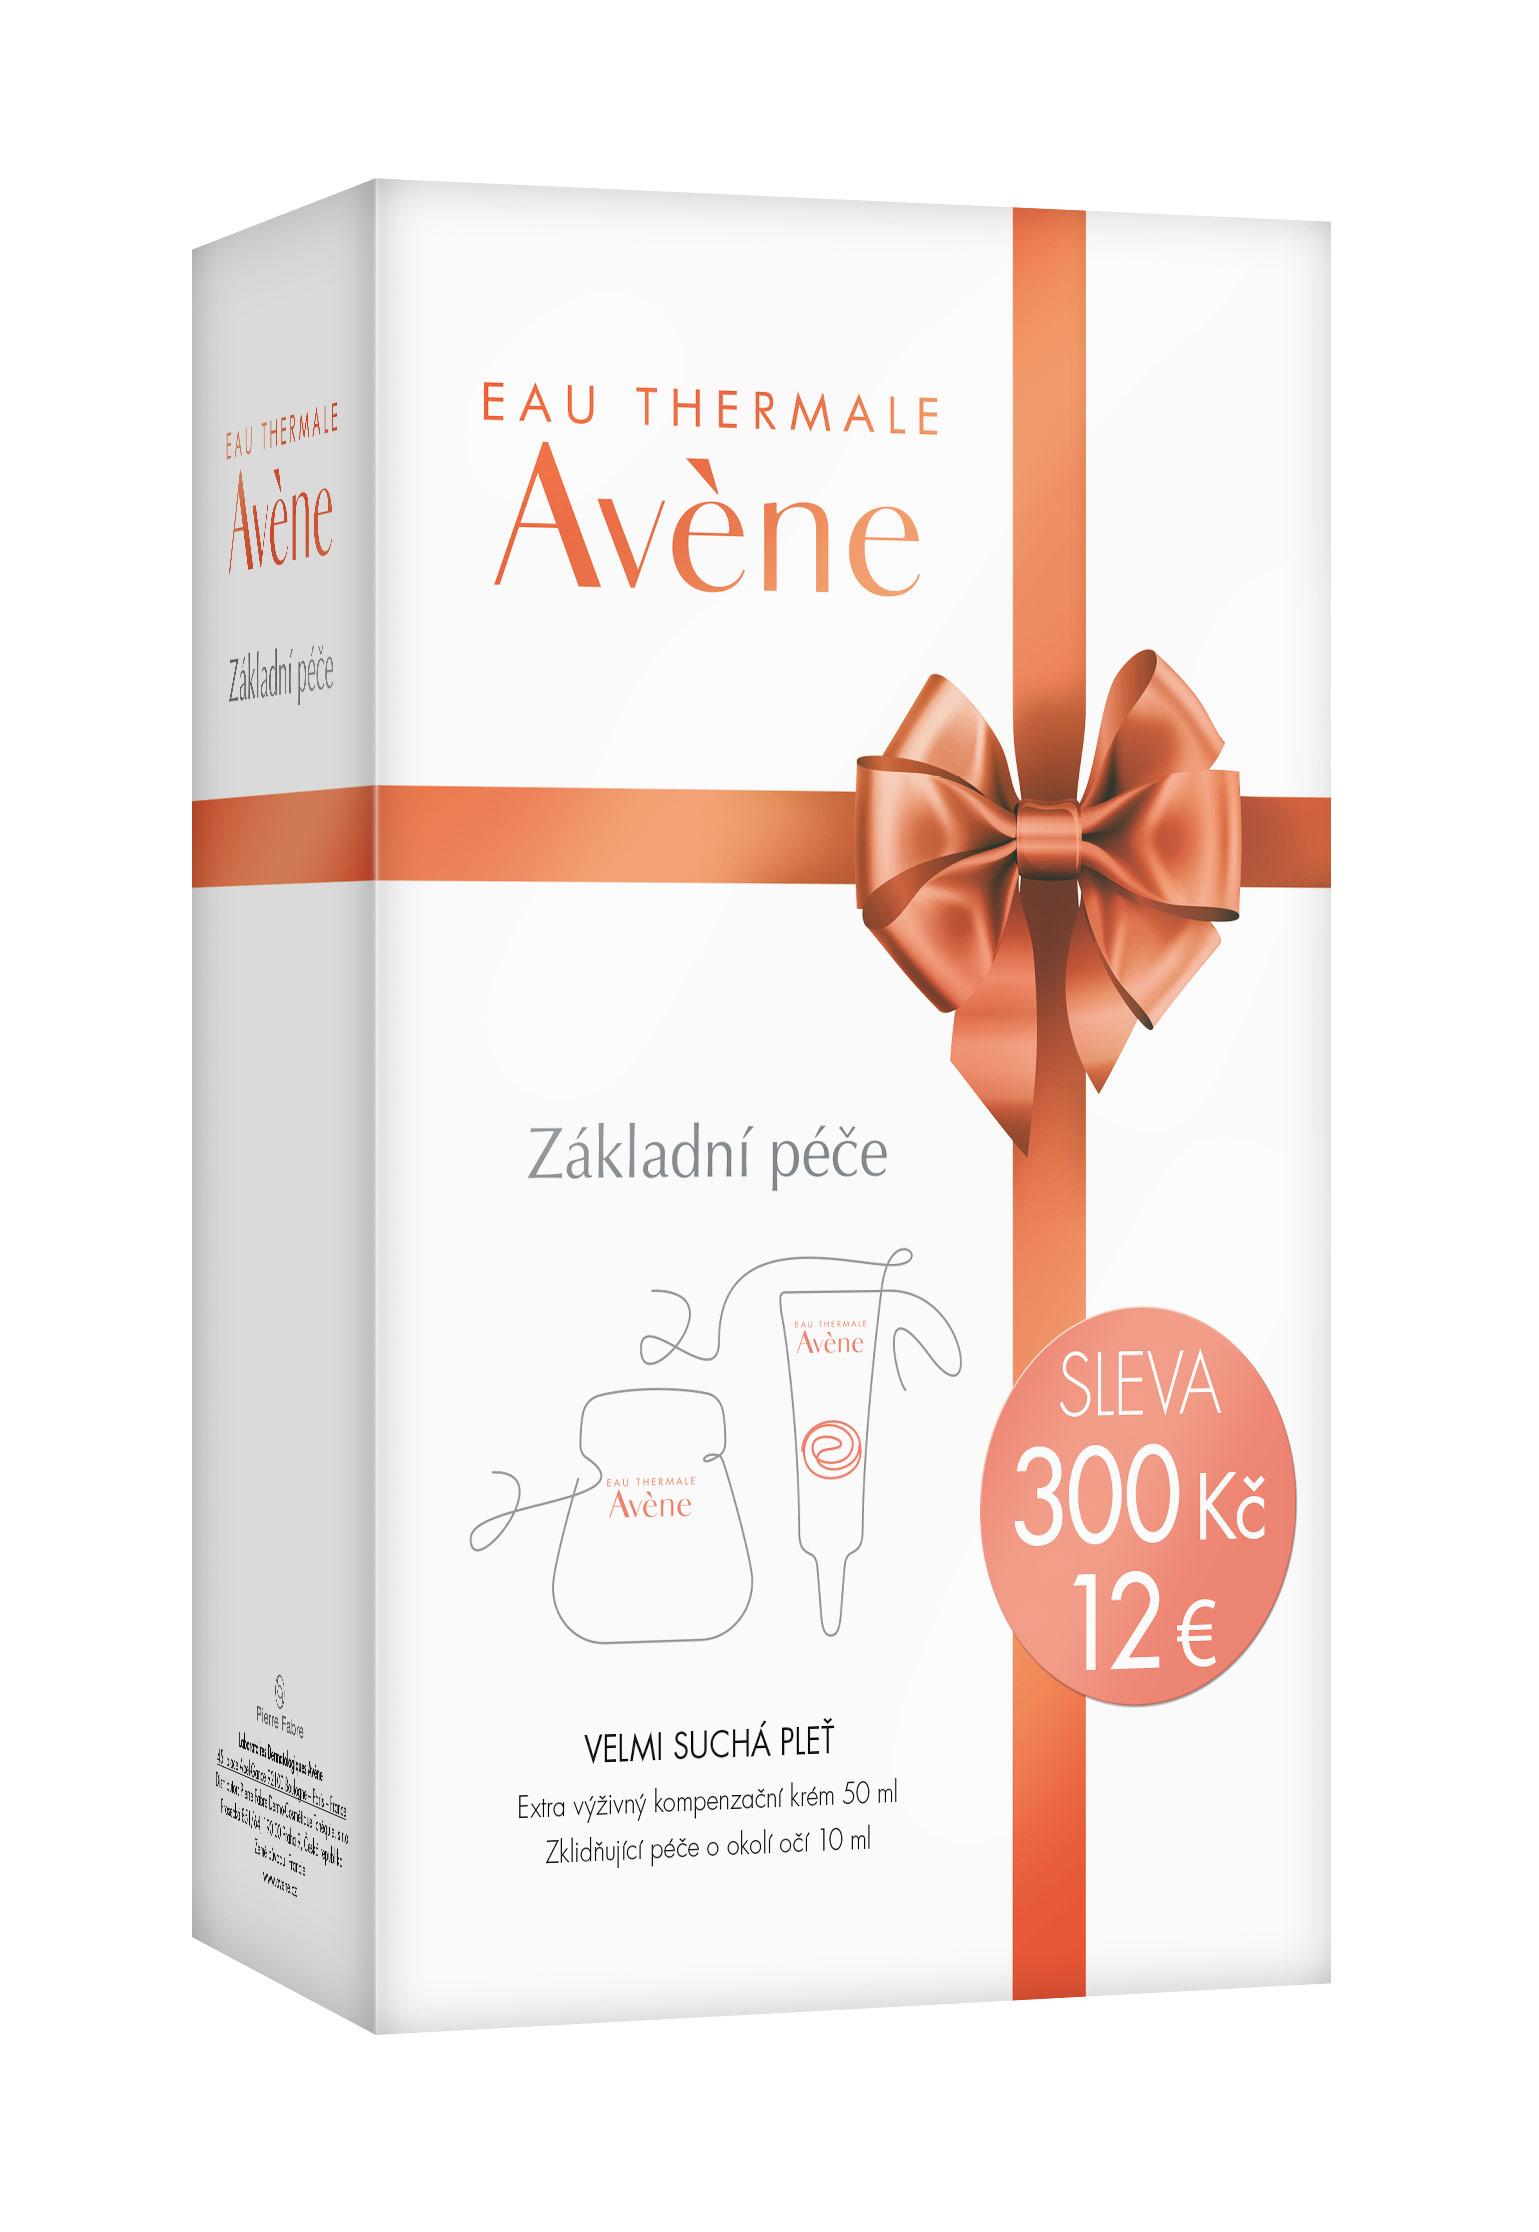 AVENE Creme pro velmi suchou pleť balíček Vánoce 2016